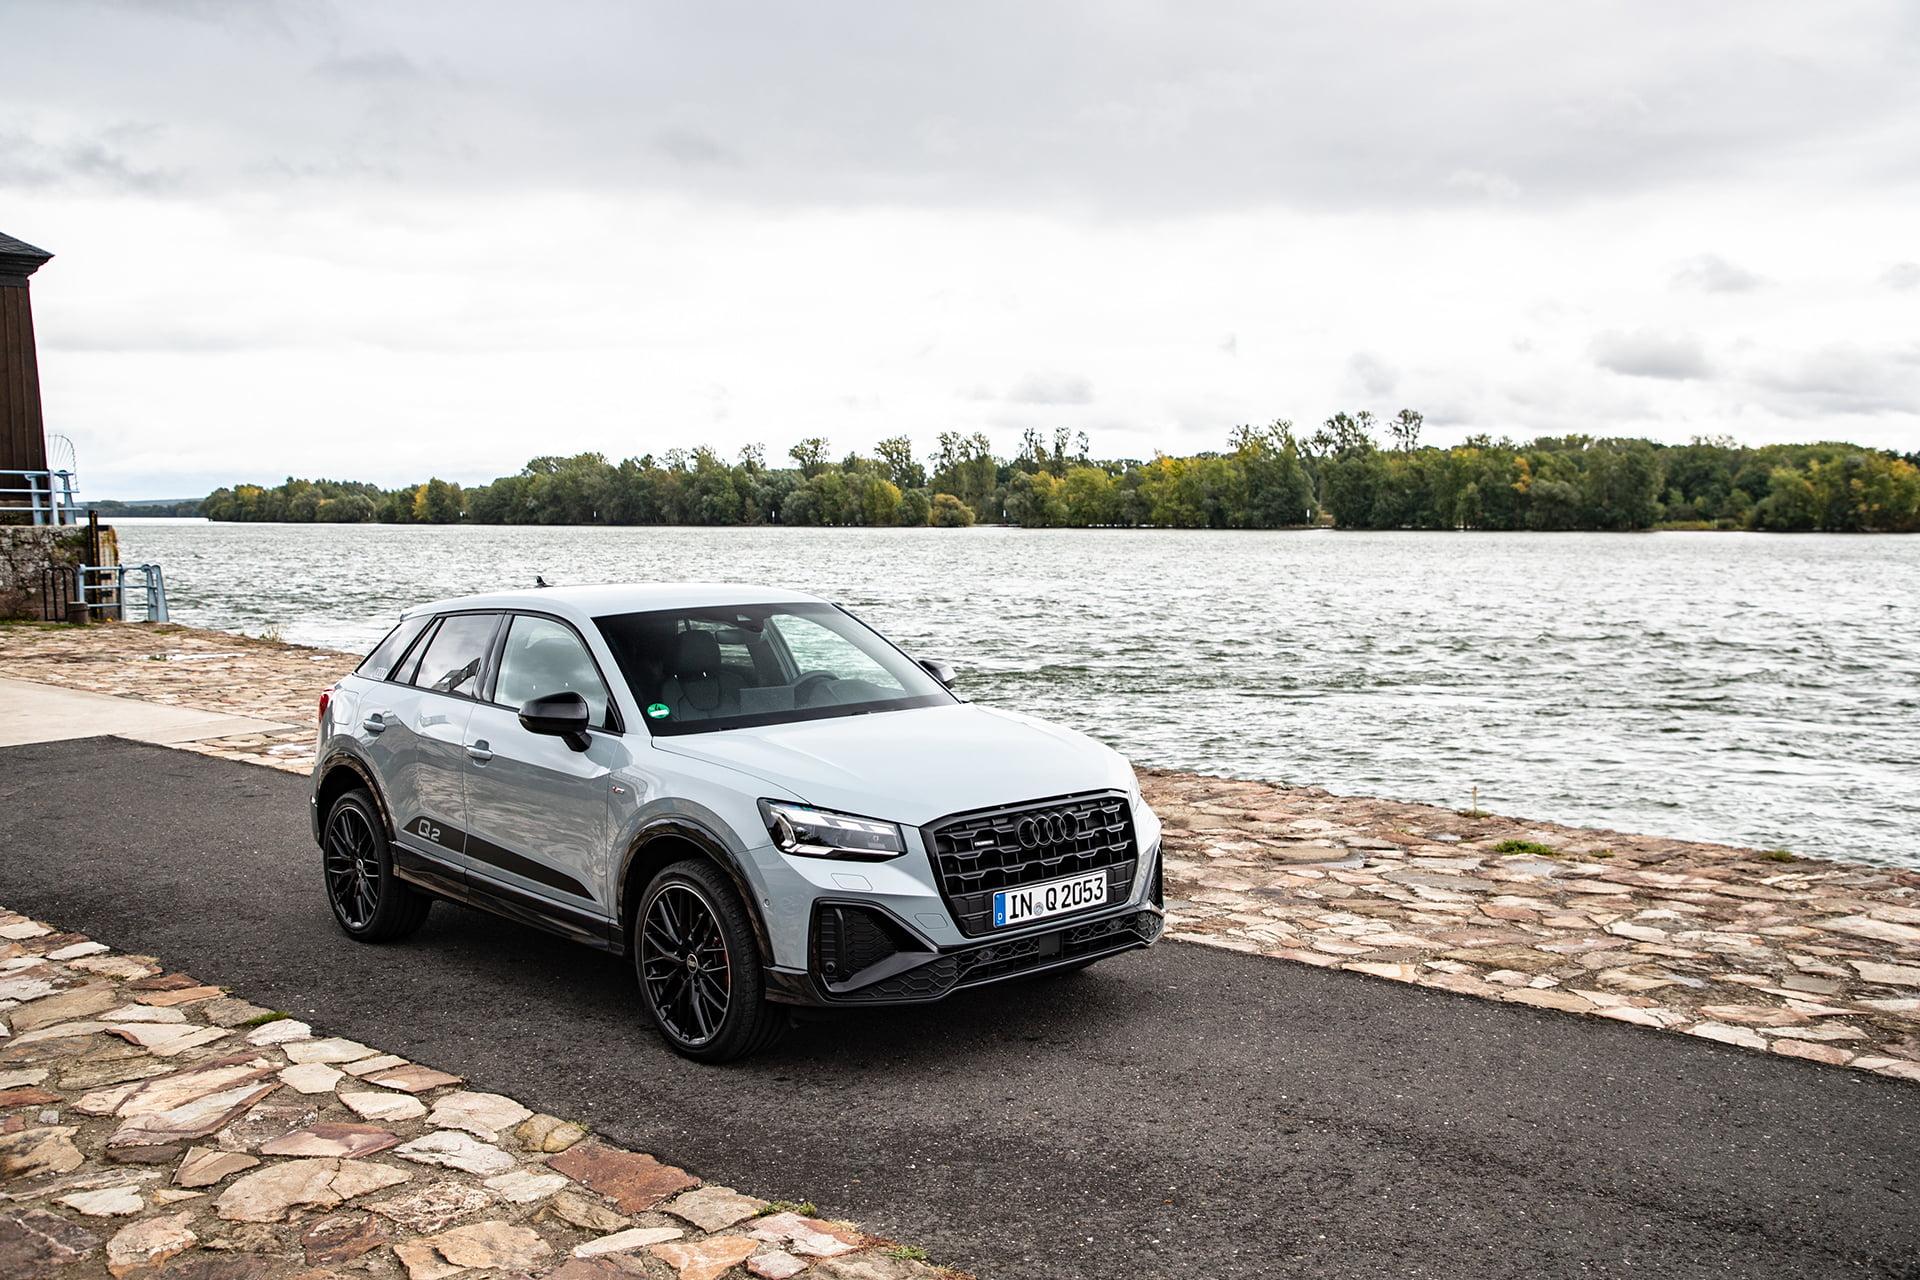 El Nuevo Audi Q2 ya está disponible en nuestro mercado.